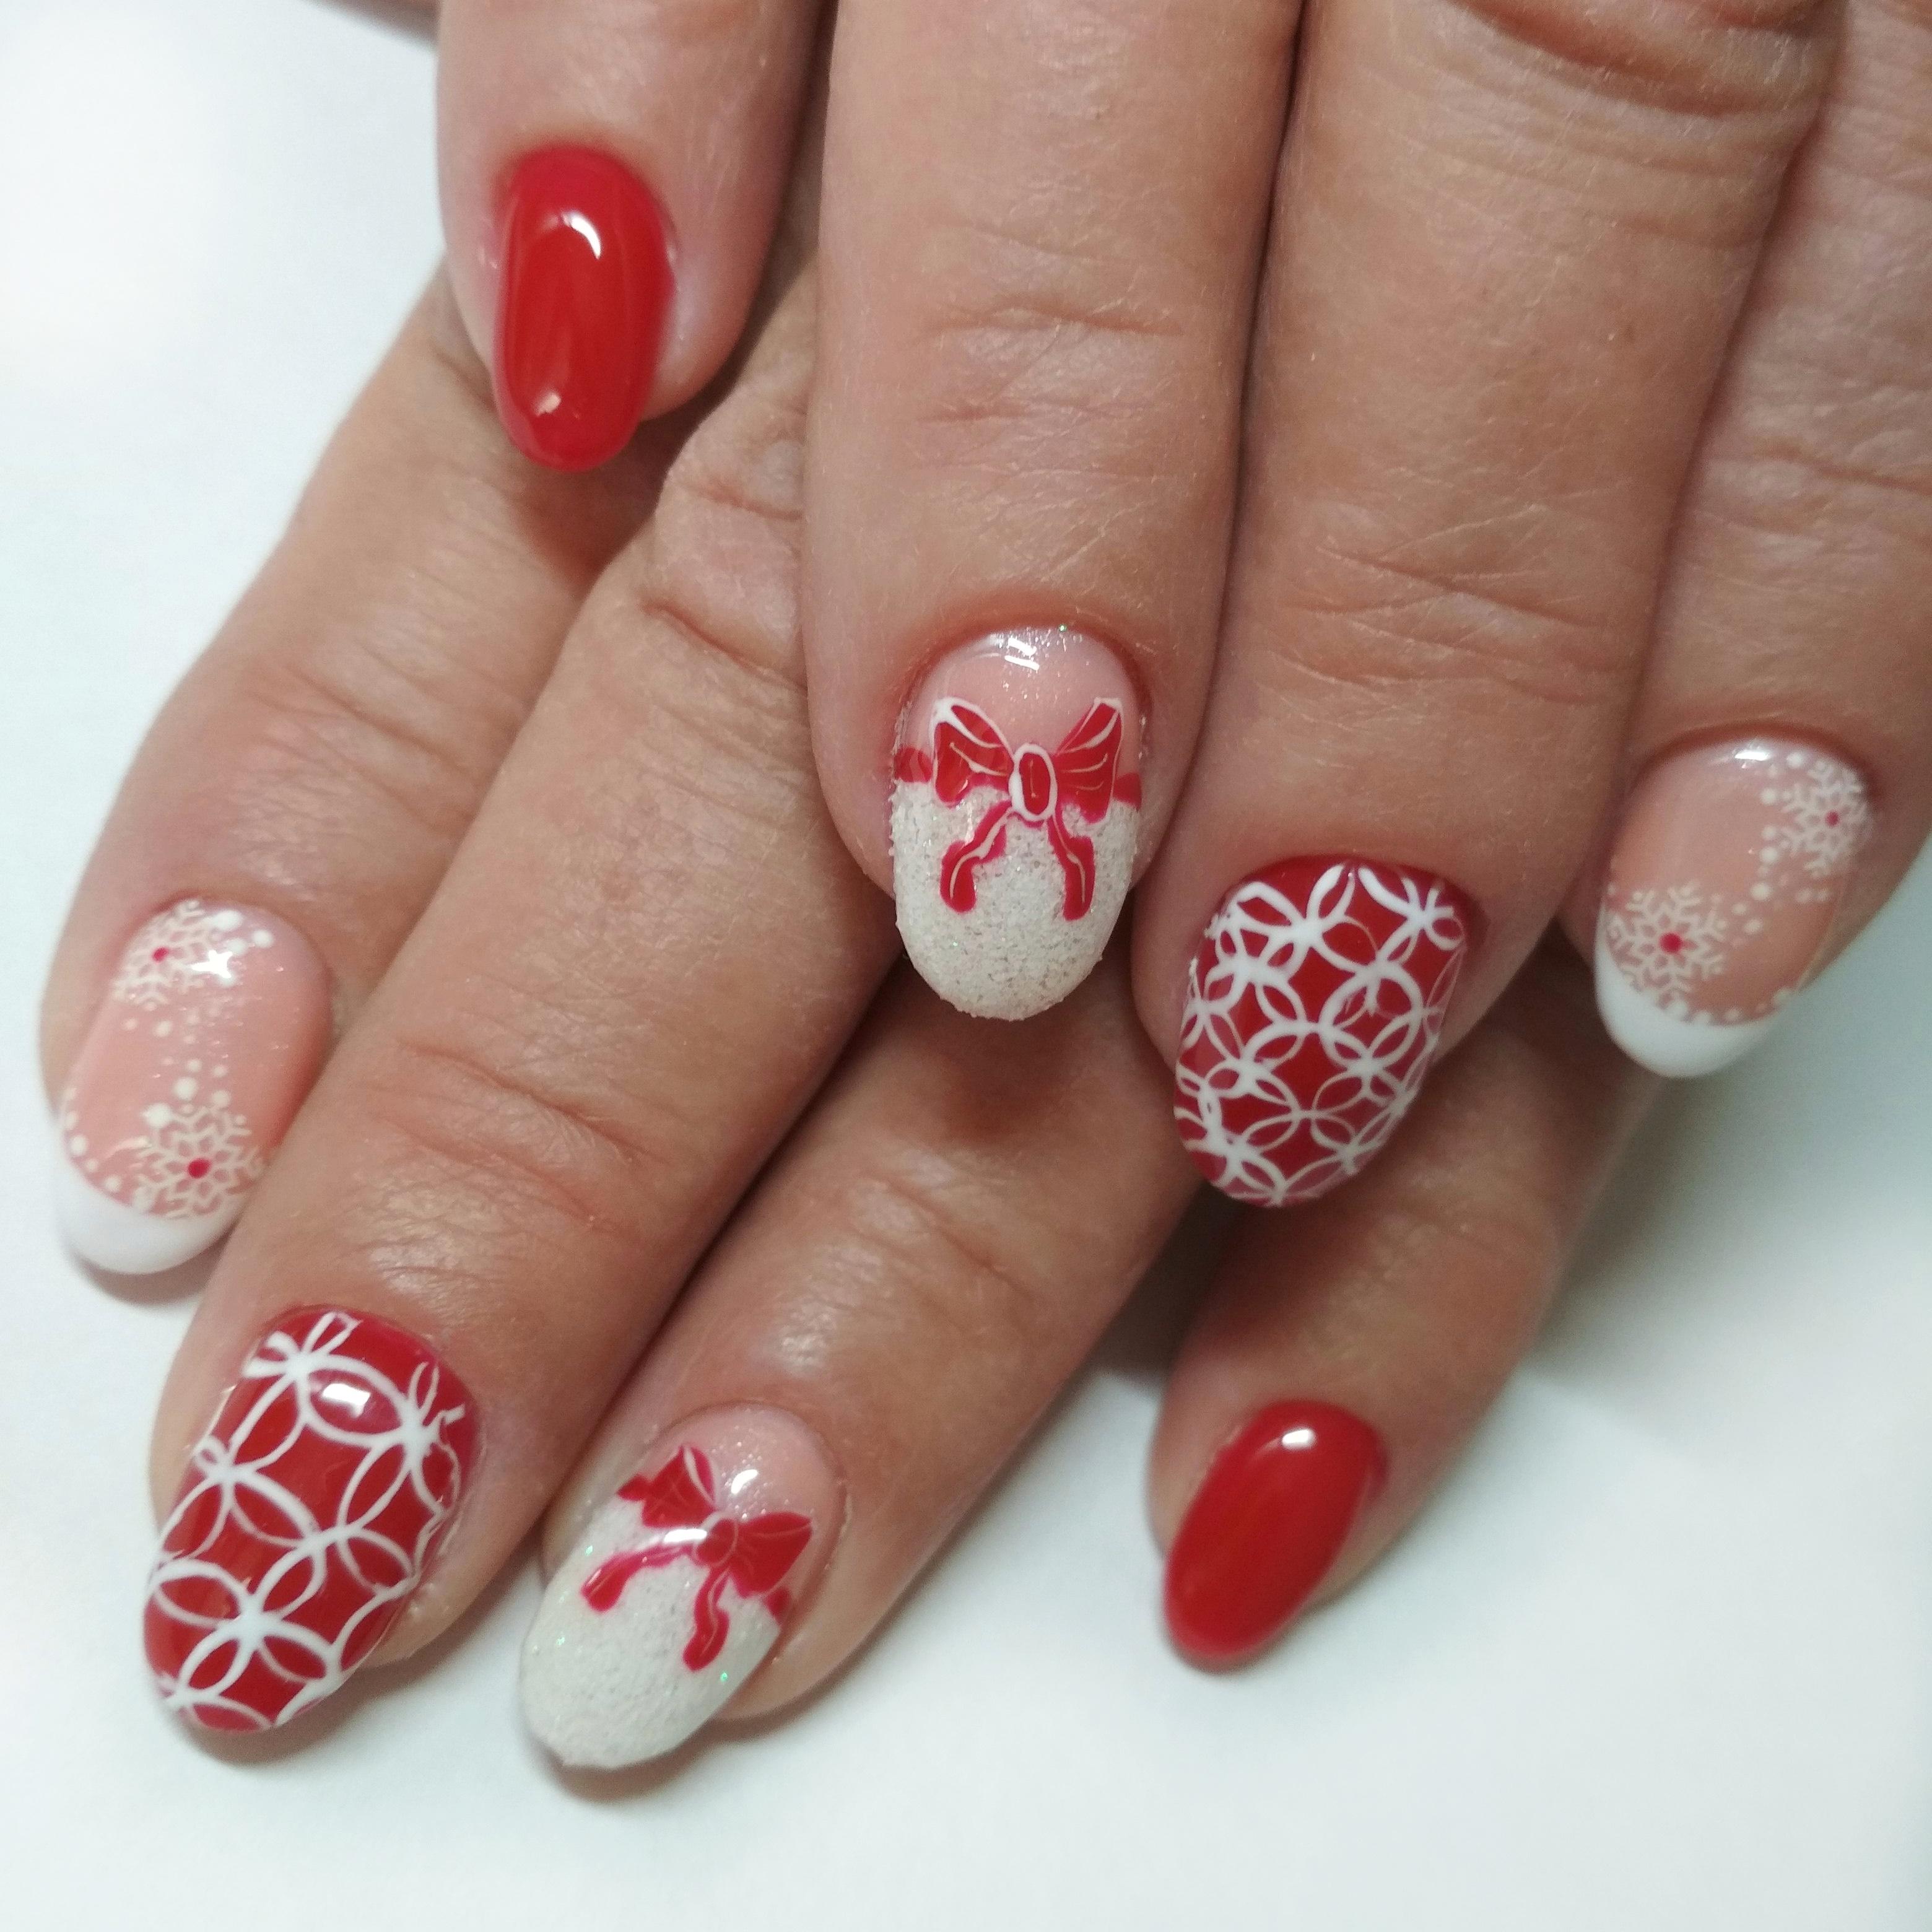 """Маникюр в красном цвете с белым блестящим песком, рисунками """"бантик"""" и """"снежинки""""."""